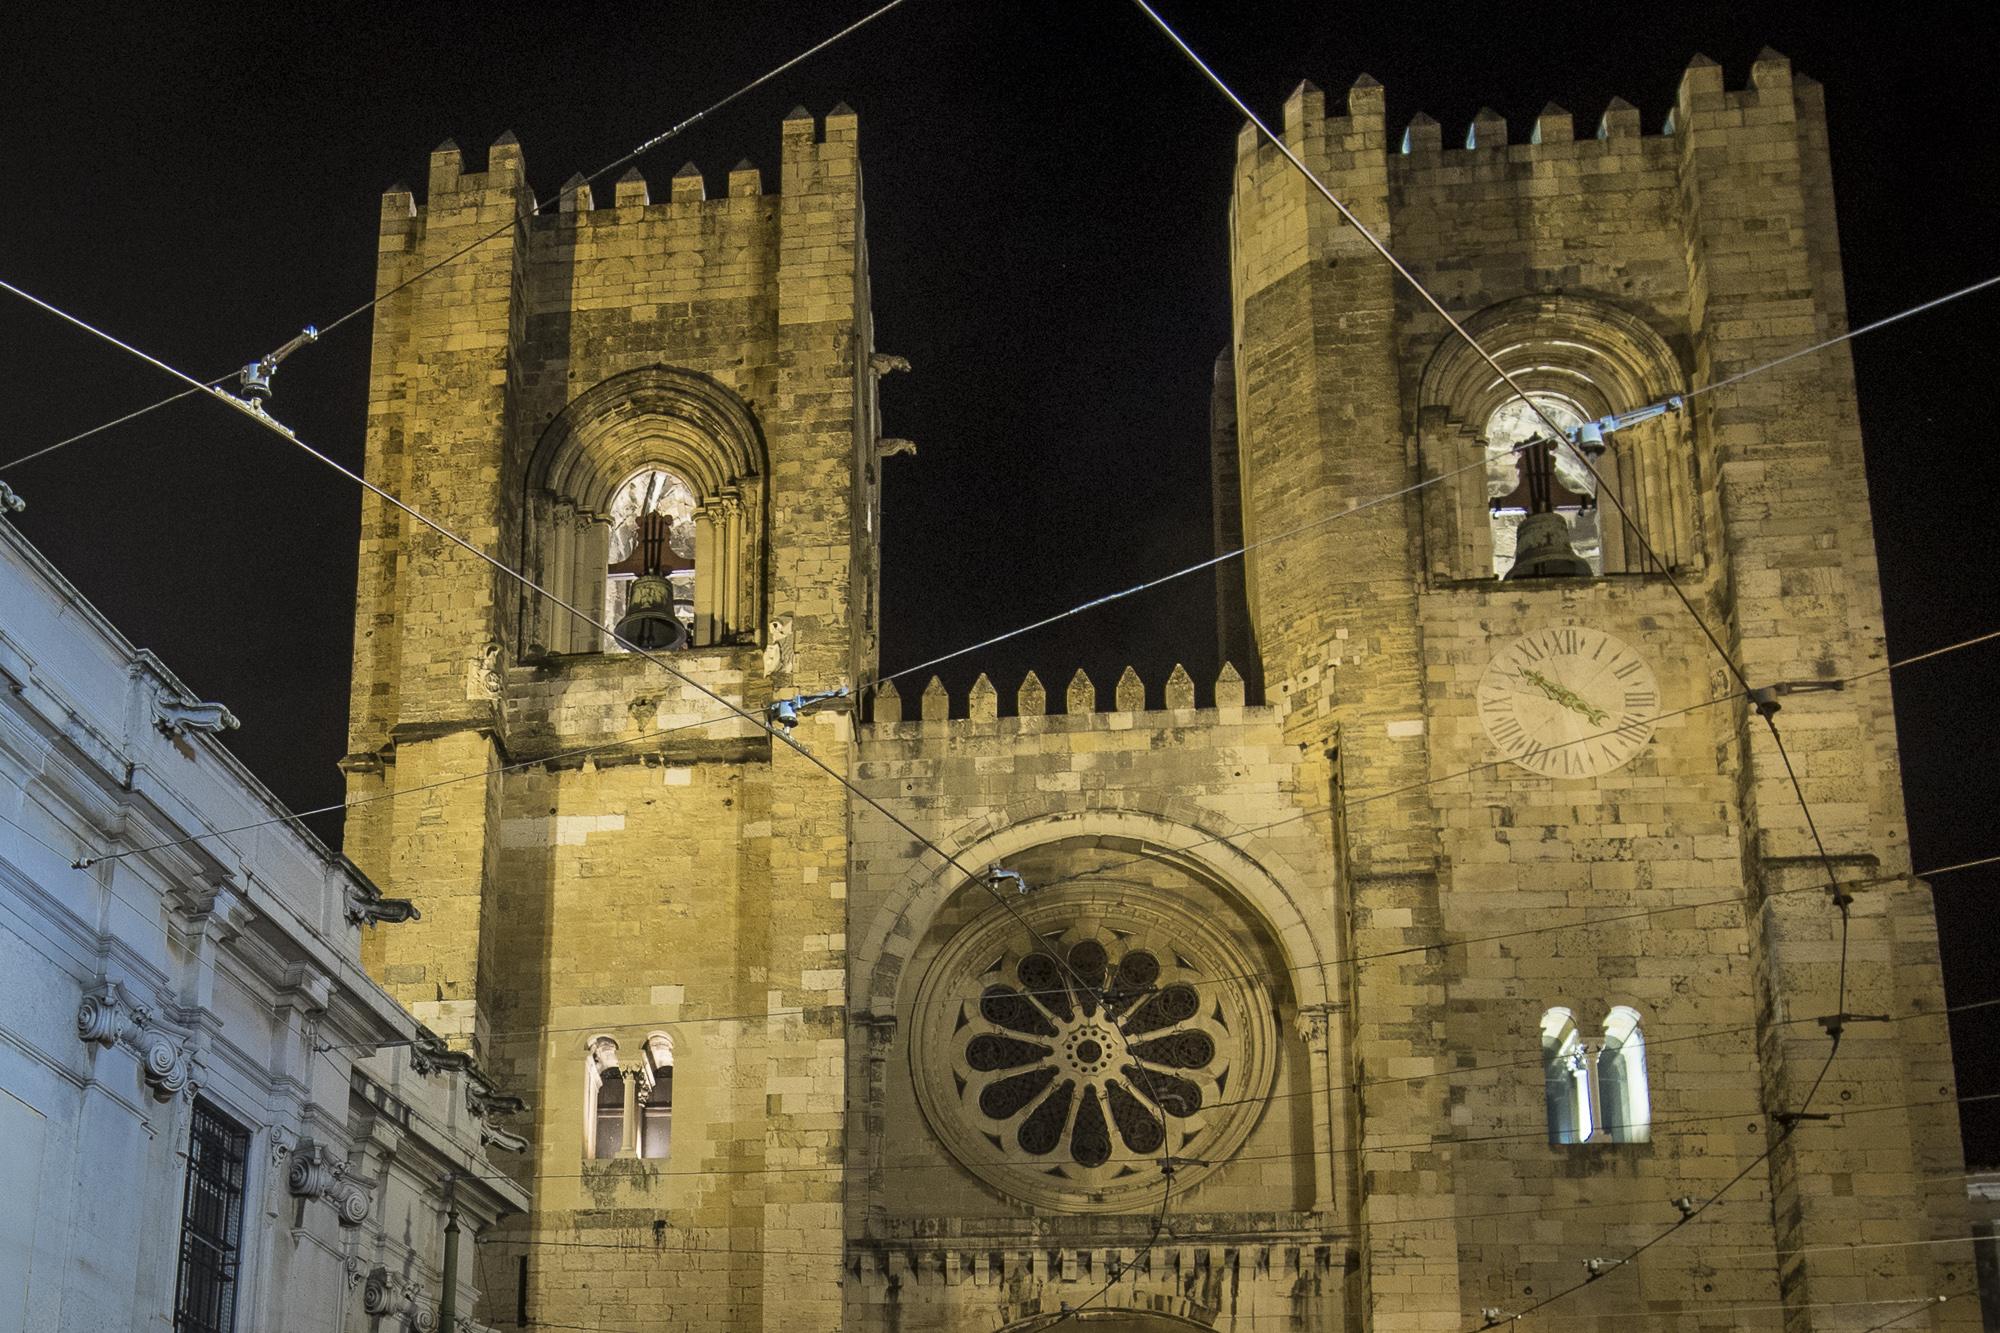 Lisbon Cathedral  PHOTOGRAPHY: ALEXANDER J.E. BRADLEY •NIKON D500 • AF-S NIKKOR 14-24mm f/2.8G ED • 15mm • F/5.6 •1/6 •ISO 400